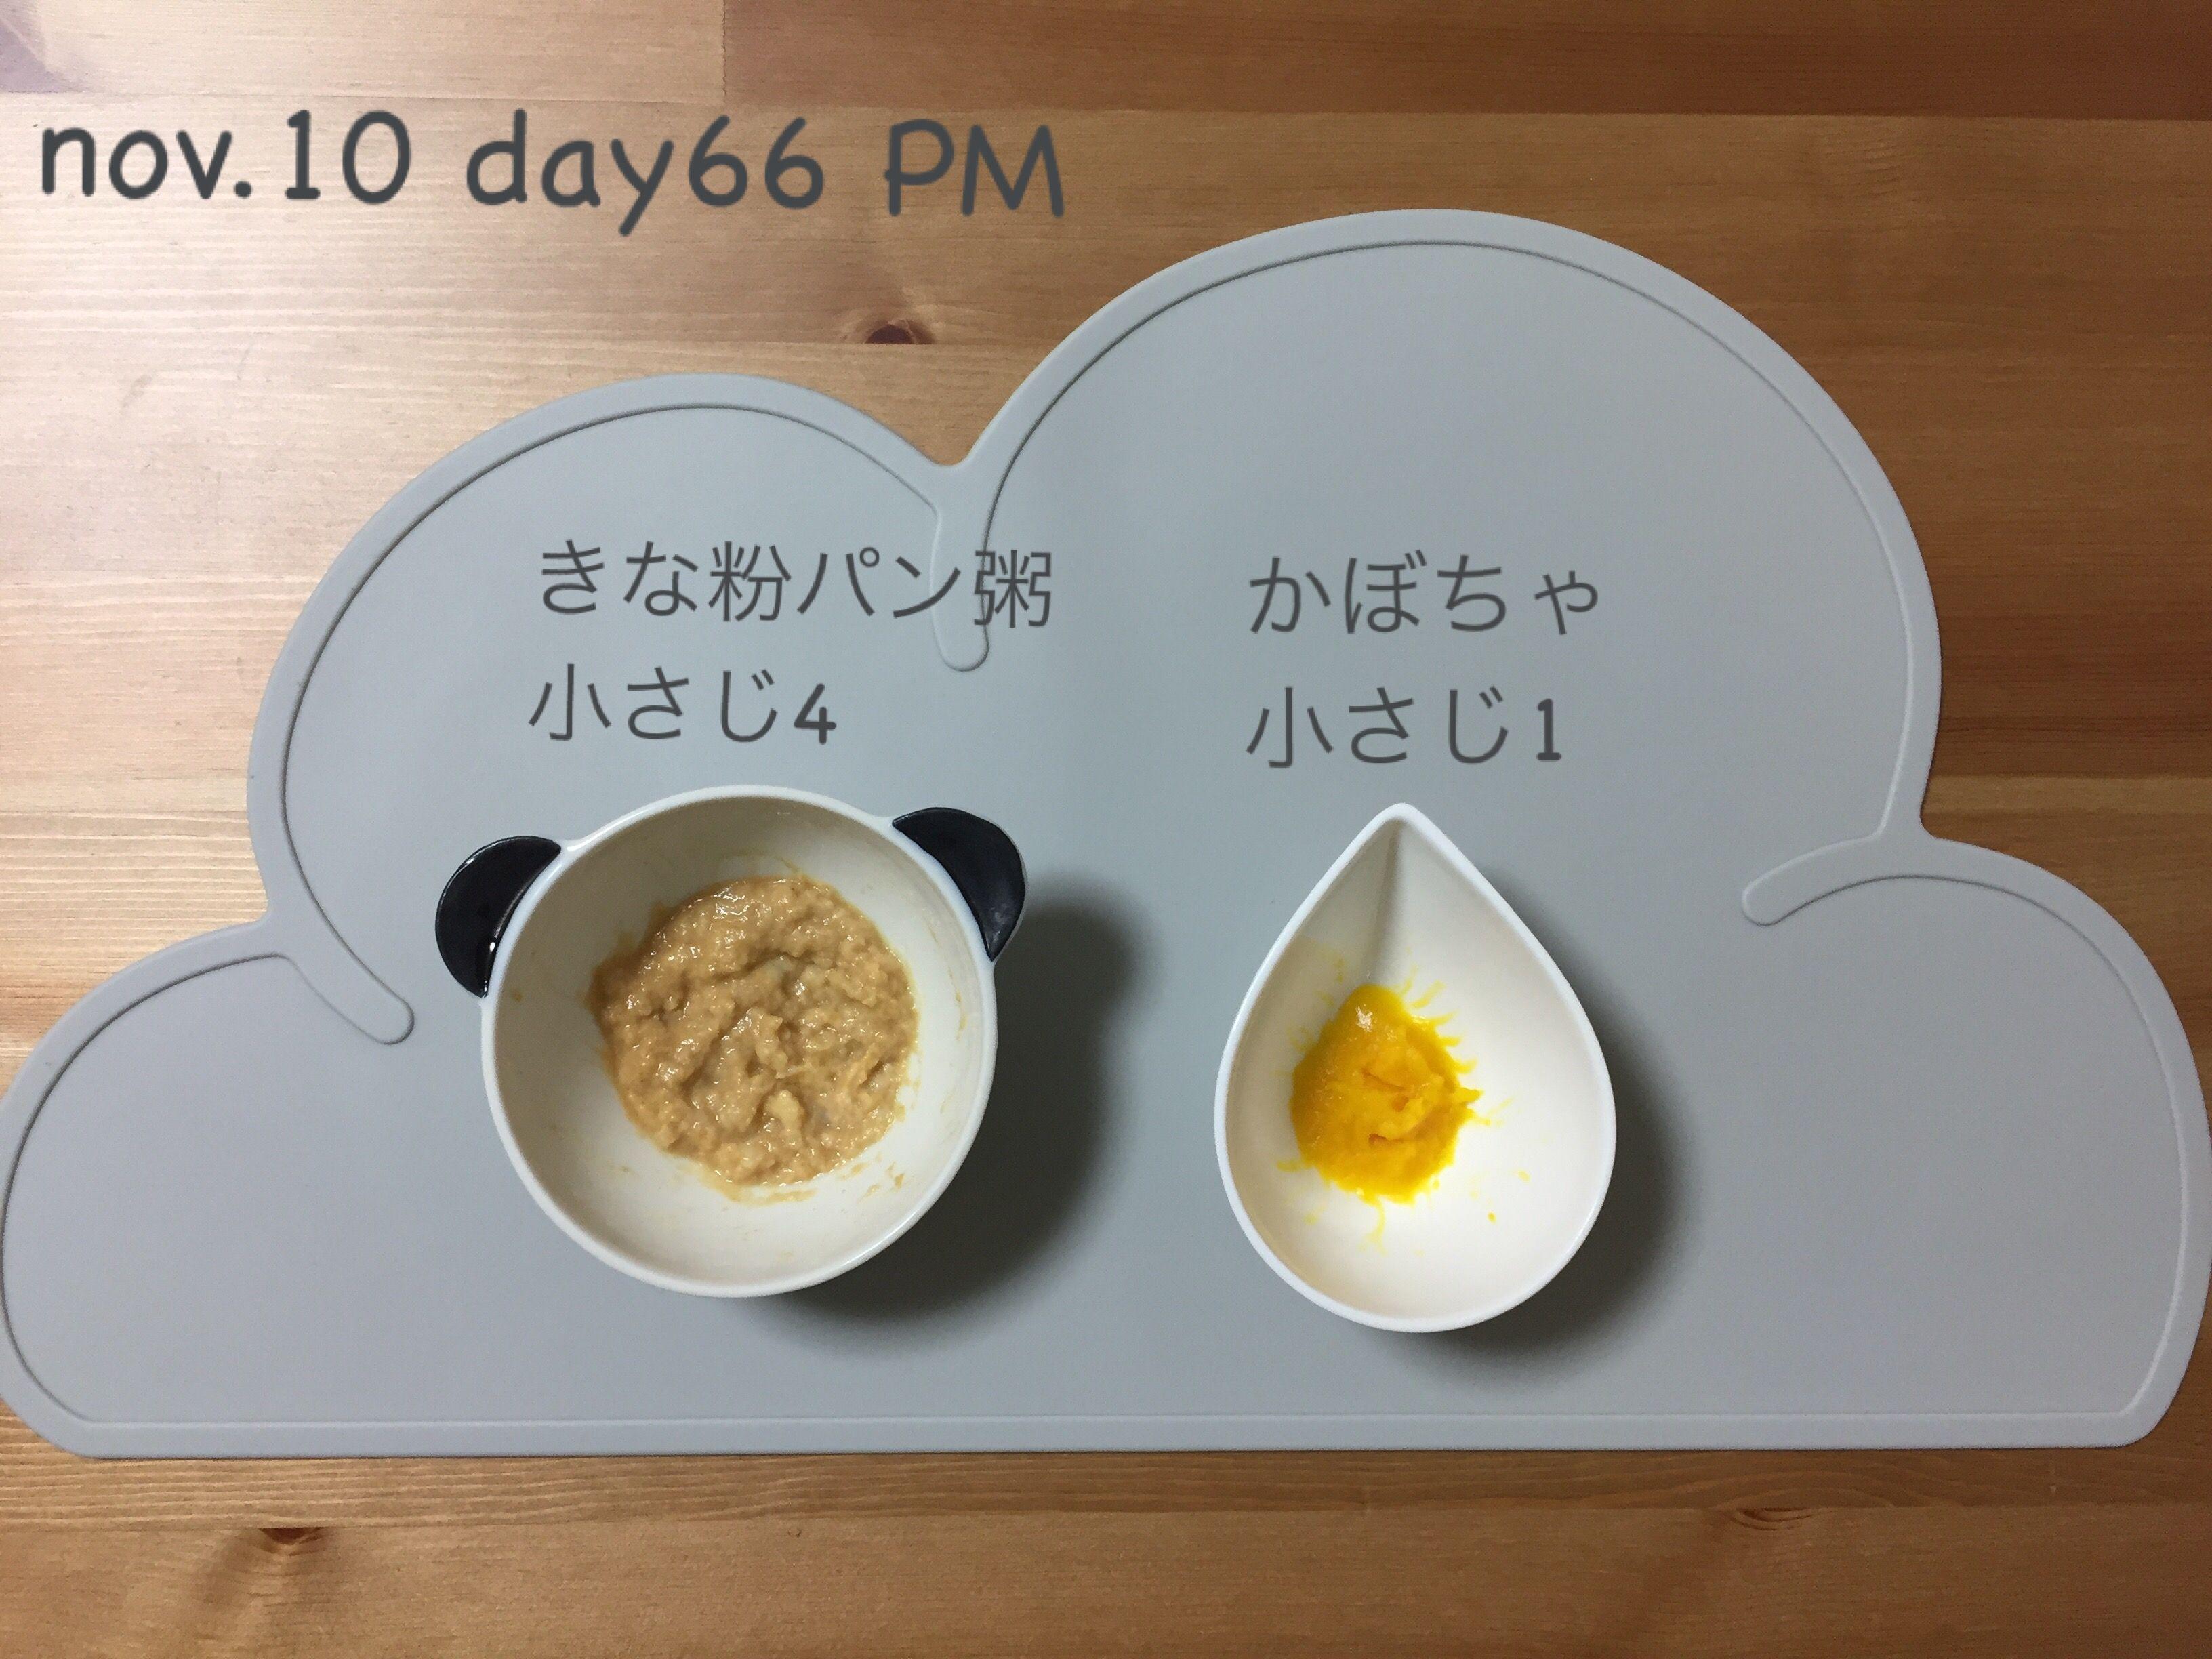 2016.11.10thu 16:17 パン粥小さじ3+きな粉小さじ1 かぼちゃ小さじ1